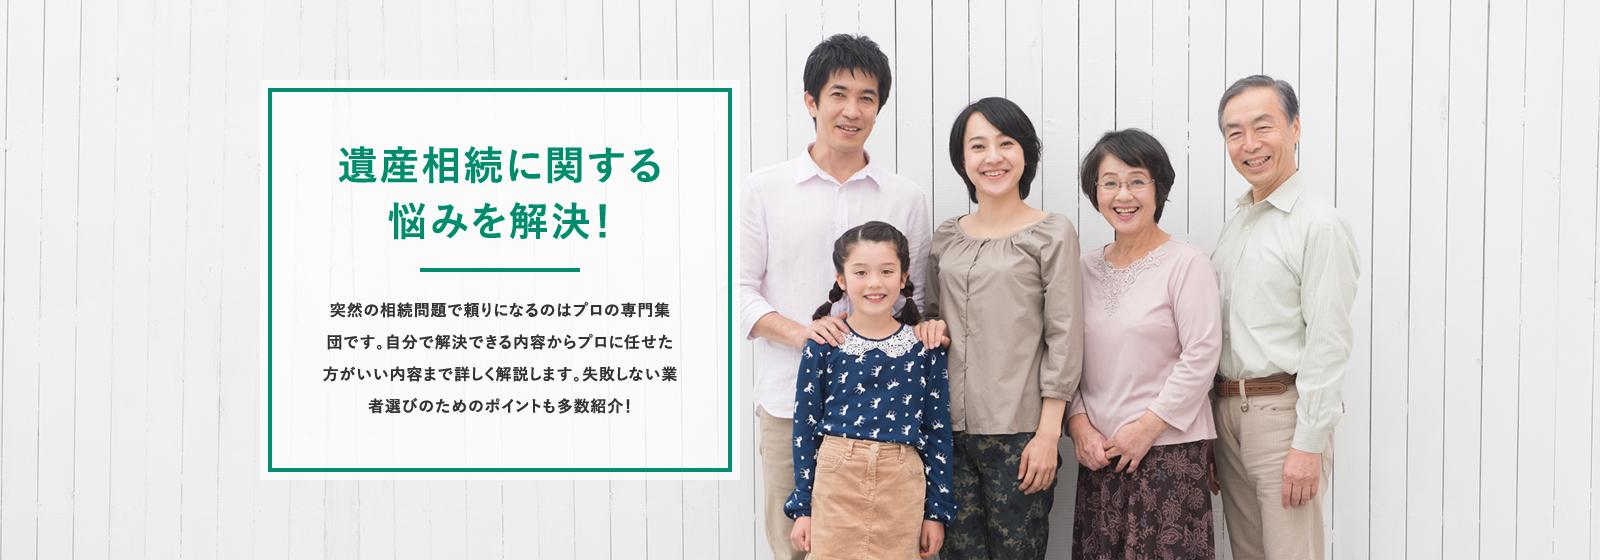 相続税を神戸の税理士に無料相談する際の流れや注意点を解説